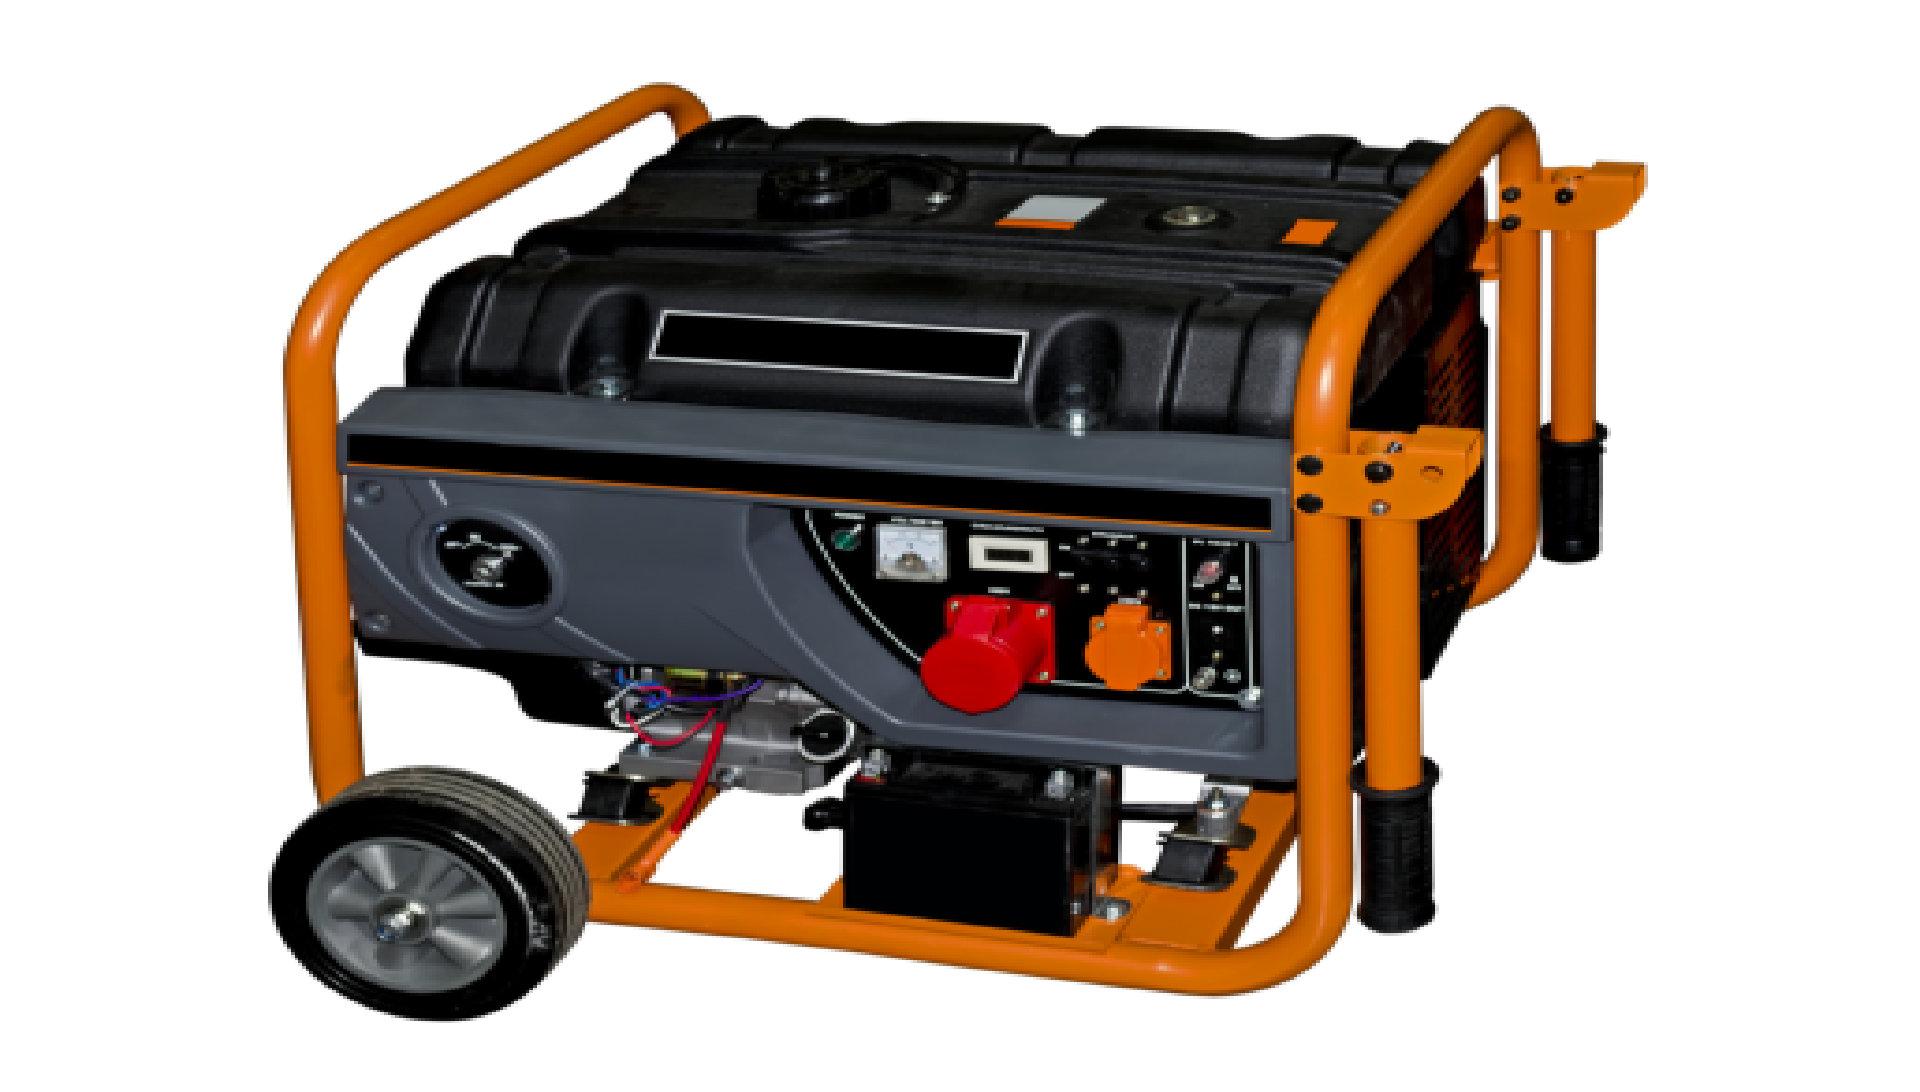 House generators